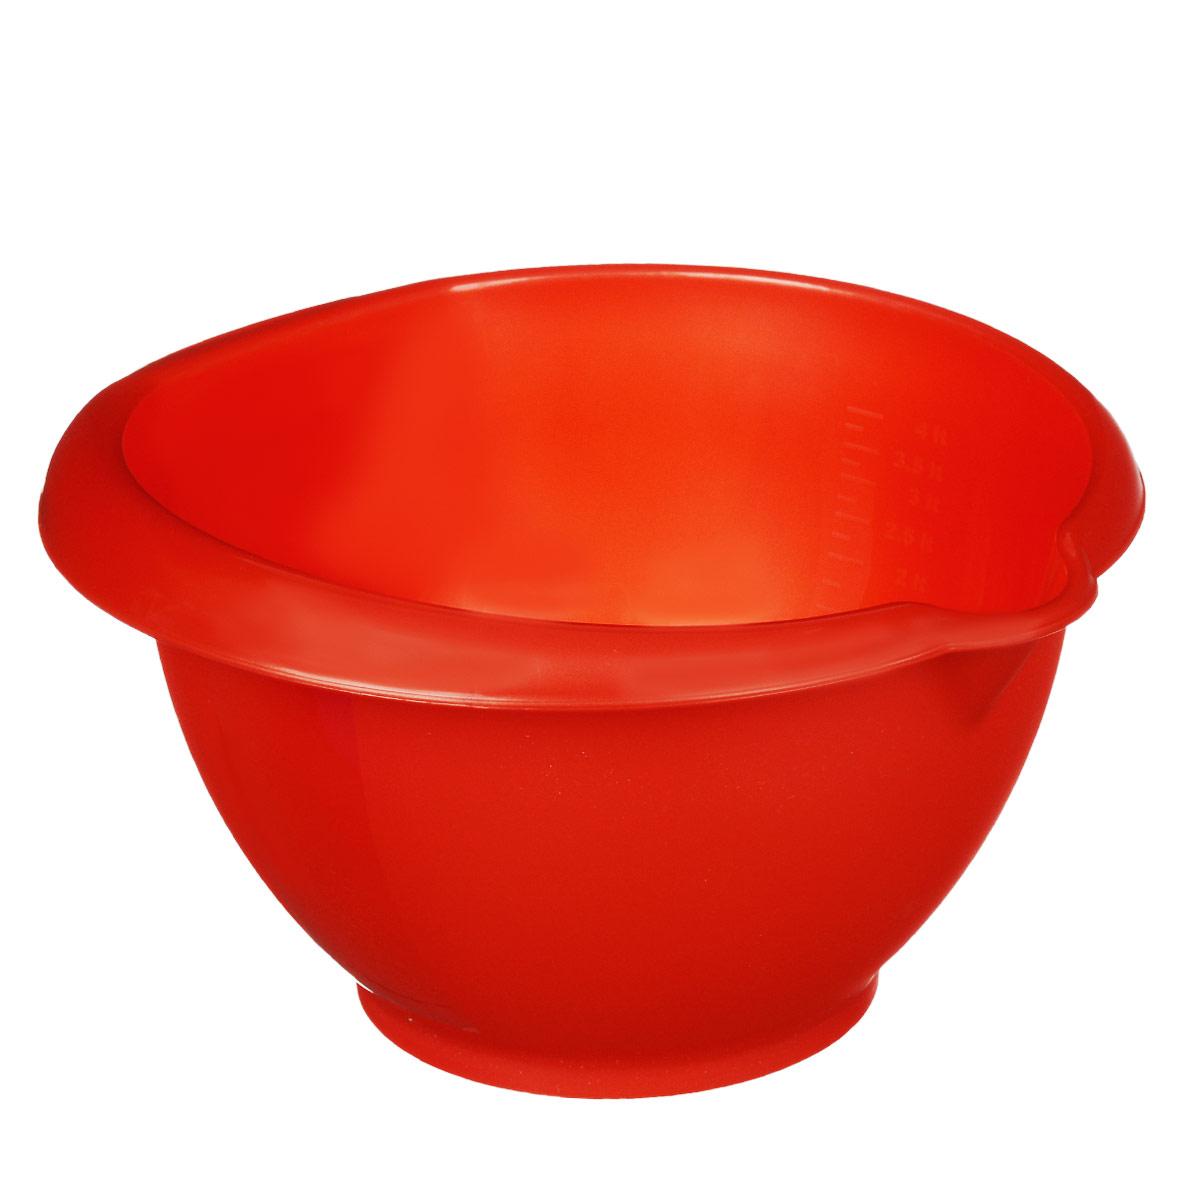 Миска для миксера Dunya Plastik, цвет: красный, 5 л10207 красныйМиска для миксера Dunya Plastik изготовлена из прочного пищевого пластика, имеет круглую форму. Благодаря высоким стенкам в такой миске очень удобно смешивать продукты миксером. Носик поможет аккуратно вылить жидкость. Внутренняя поверхность снабжена отметками литража. Такая миска пригодится в любом хозяйстве, ее также можно использовать для хранения и сервировки различных пищевых продуктов. Объем: 5 л.